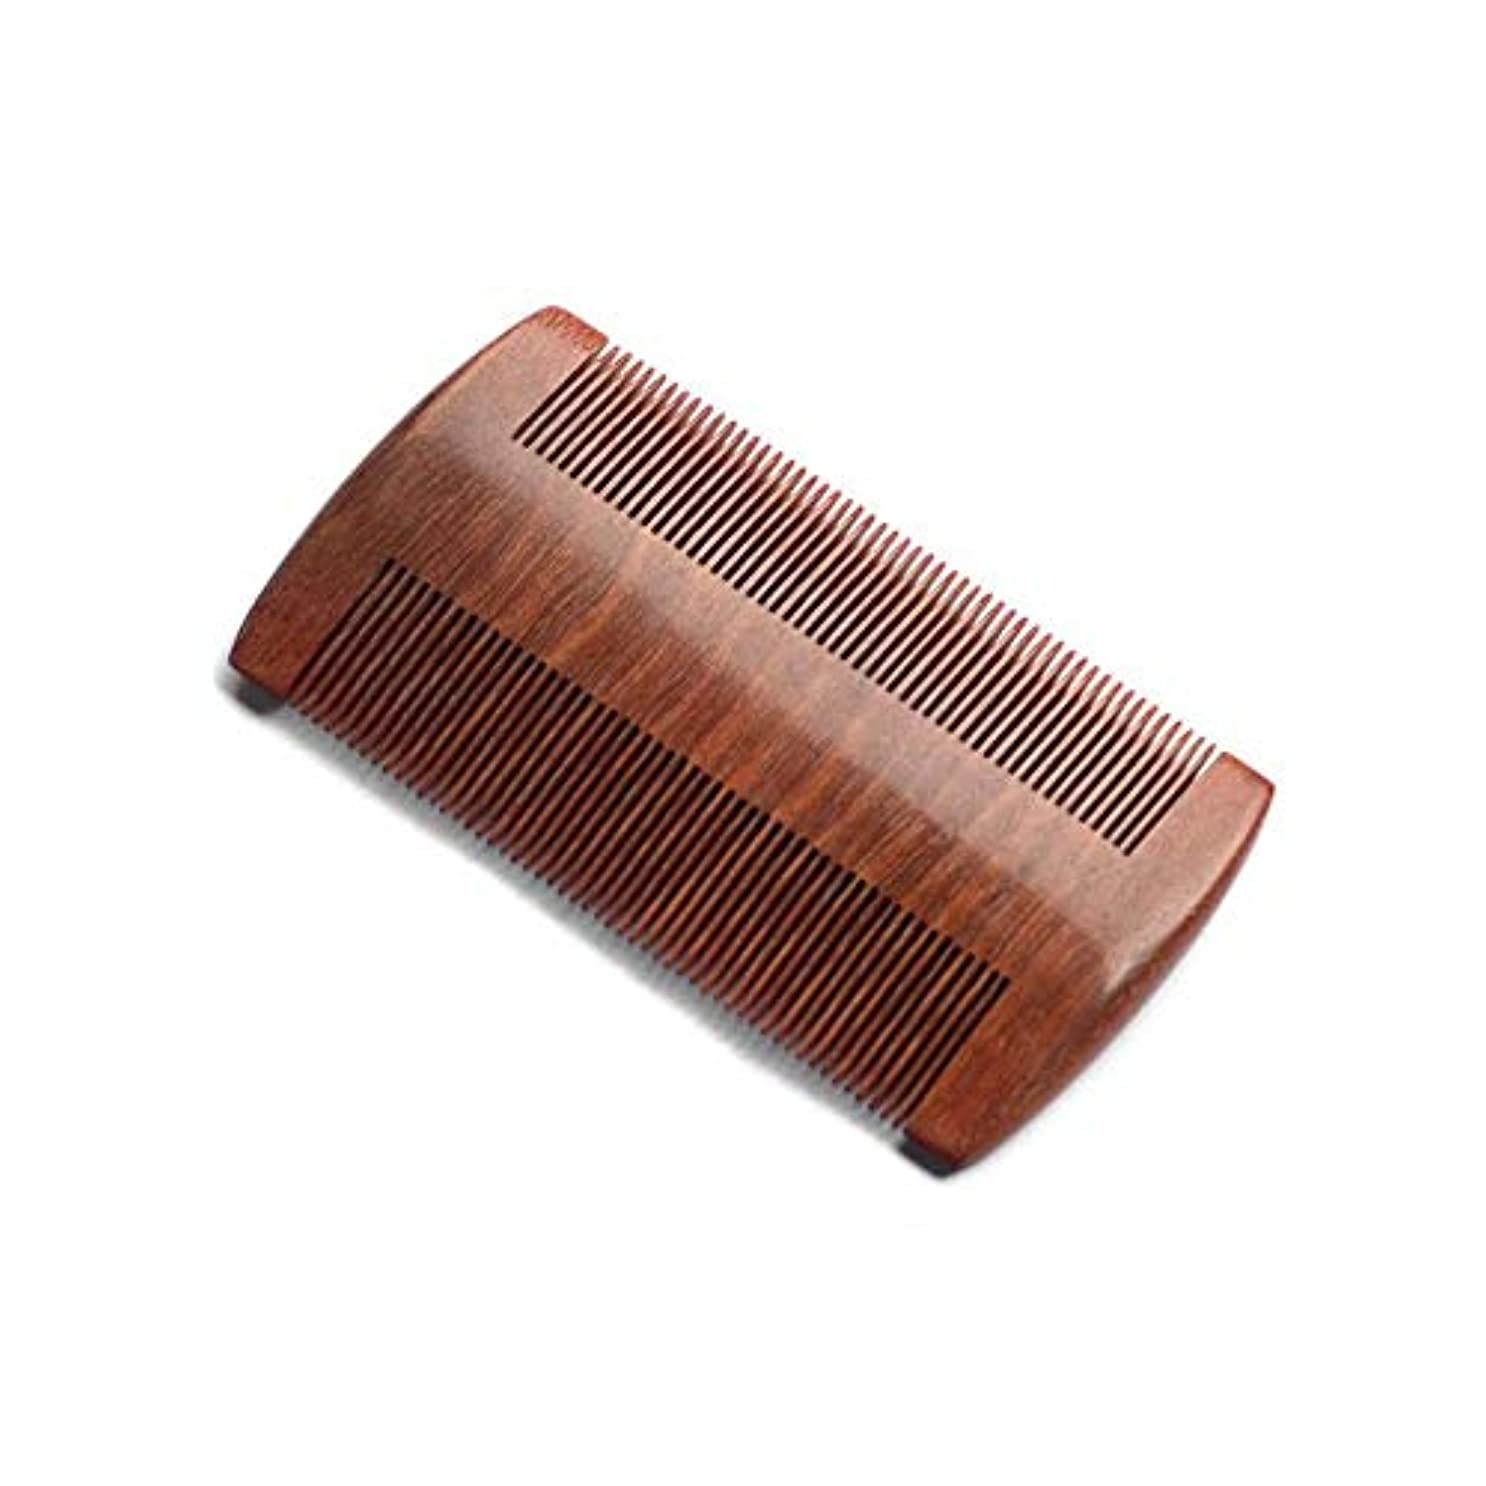 ゼリー効果インゲンZYDP 細かいコンパクトな歯赤白檀の髪の櫛手作りの櫛帯電防止髪の櫛